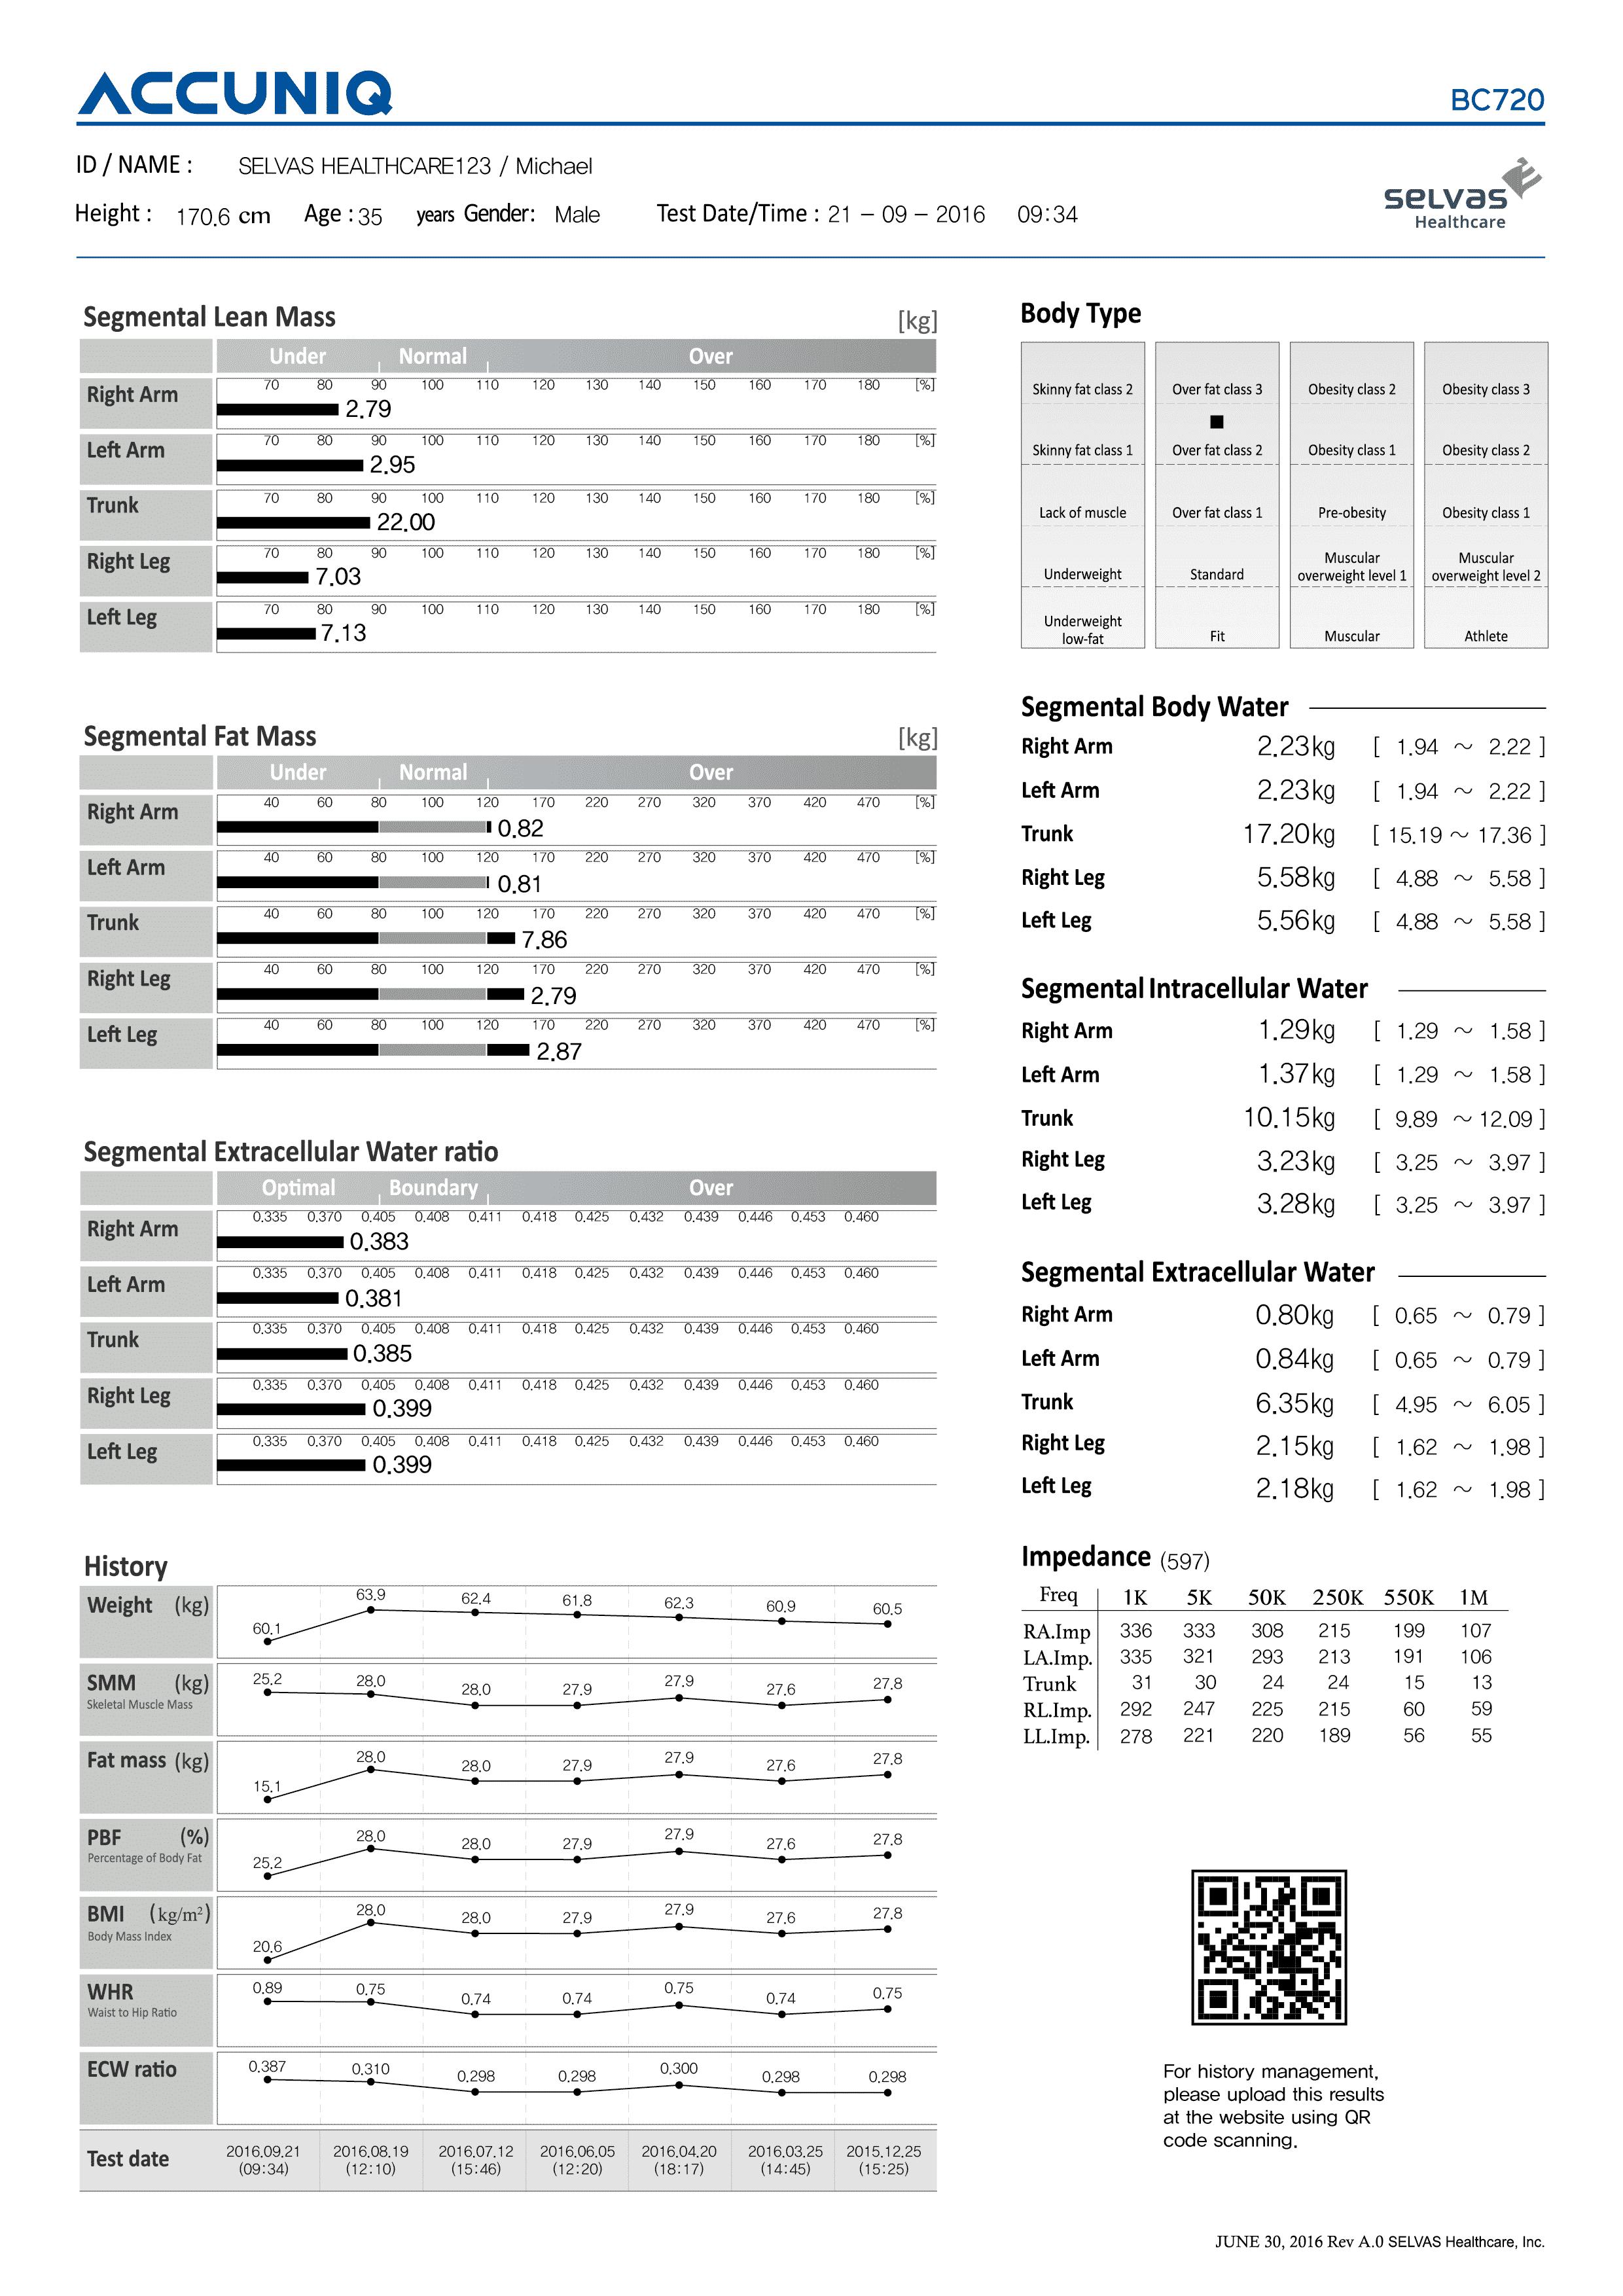 รายงาน Result Sheet เครื่องวัดวิเคราะห์ส่วนประกอบร่างกาย Accuniq BC720